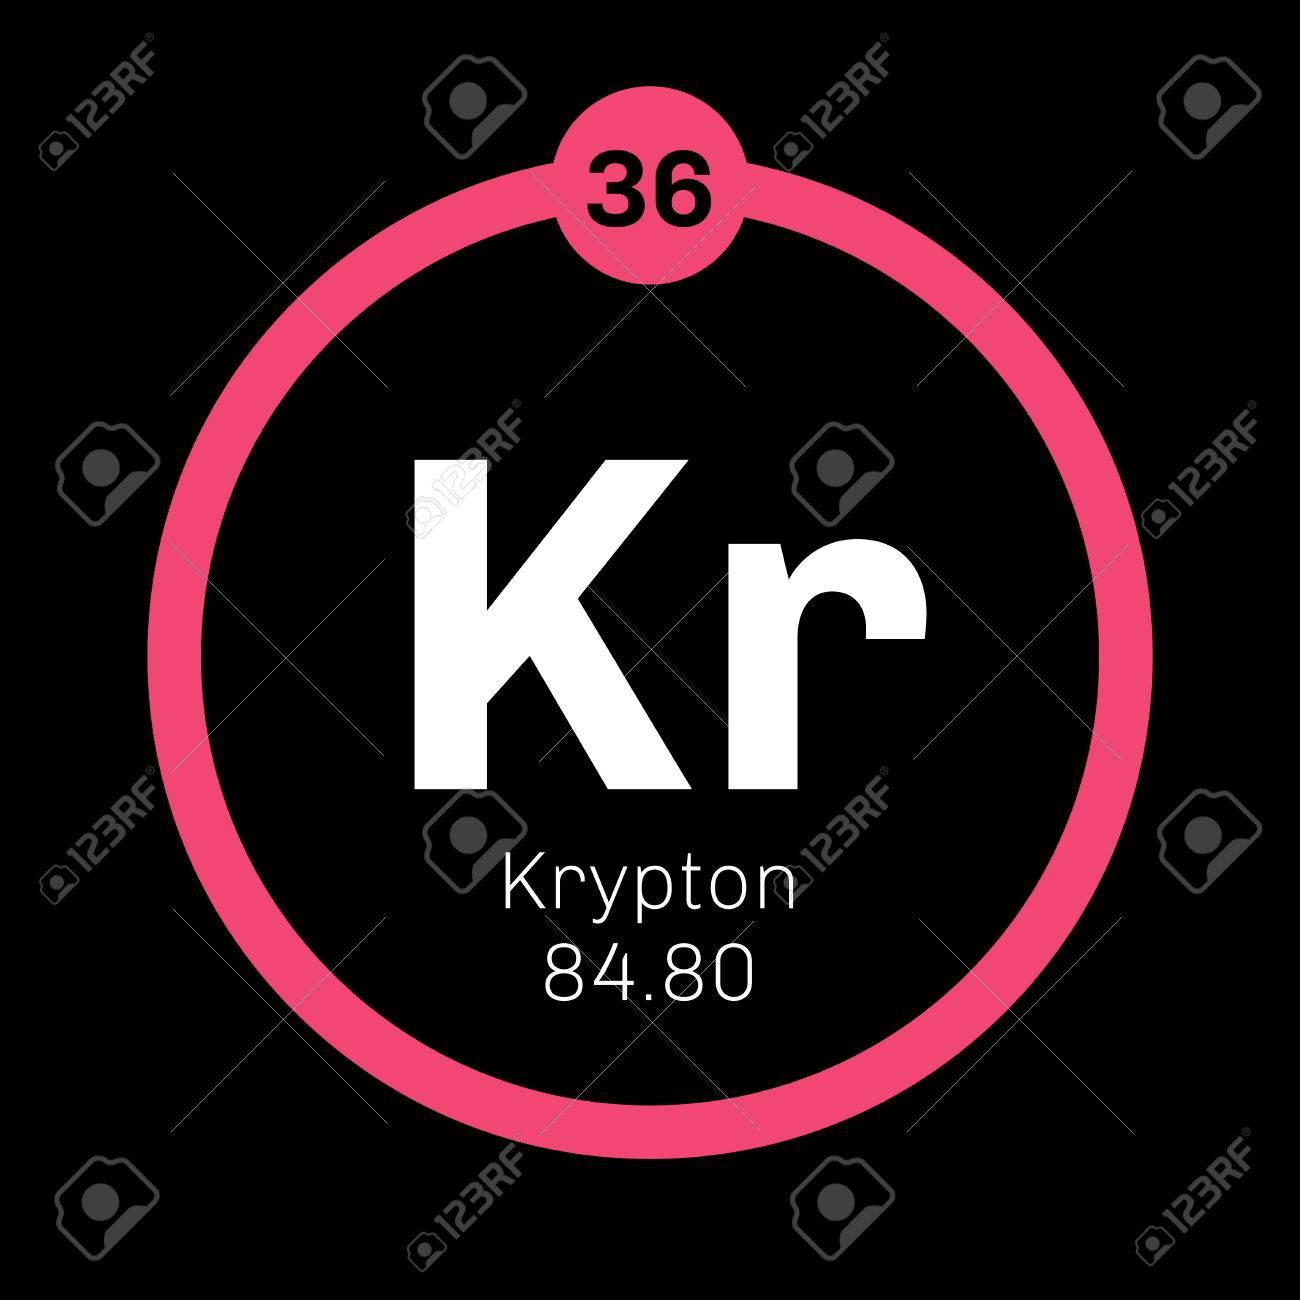 Krypton es un elemento qumico pertenece al grupo de los gases 62994933 krypton es un elemento qumico pertenece al grupo de los gases nobles de la tabla peridica el nen es un gag urtaz Gallery